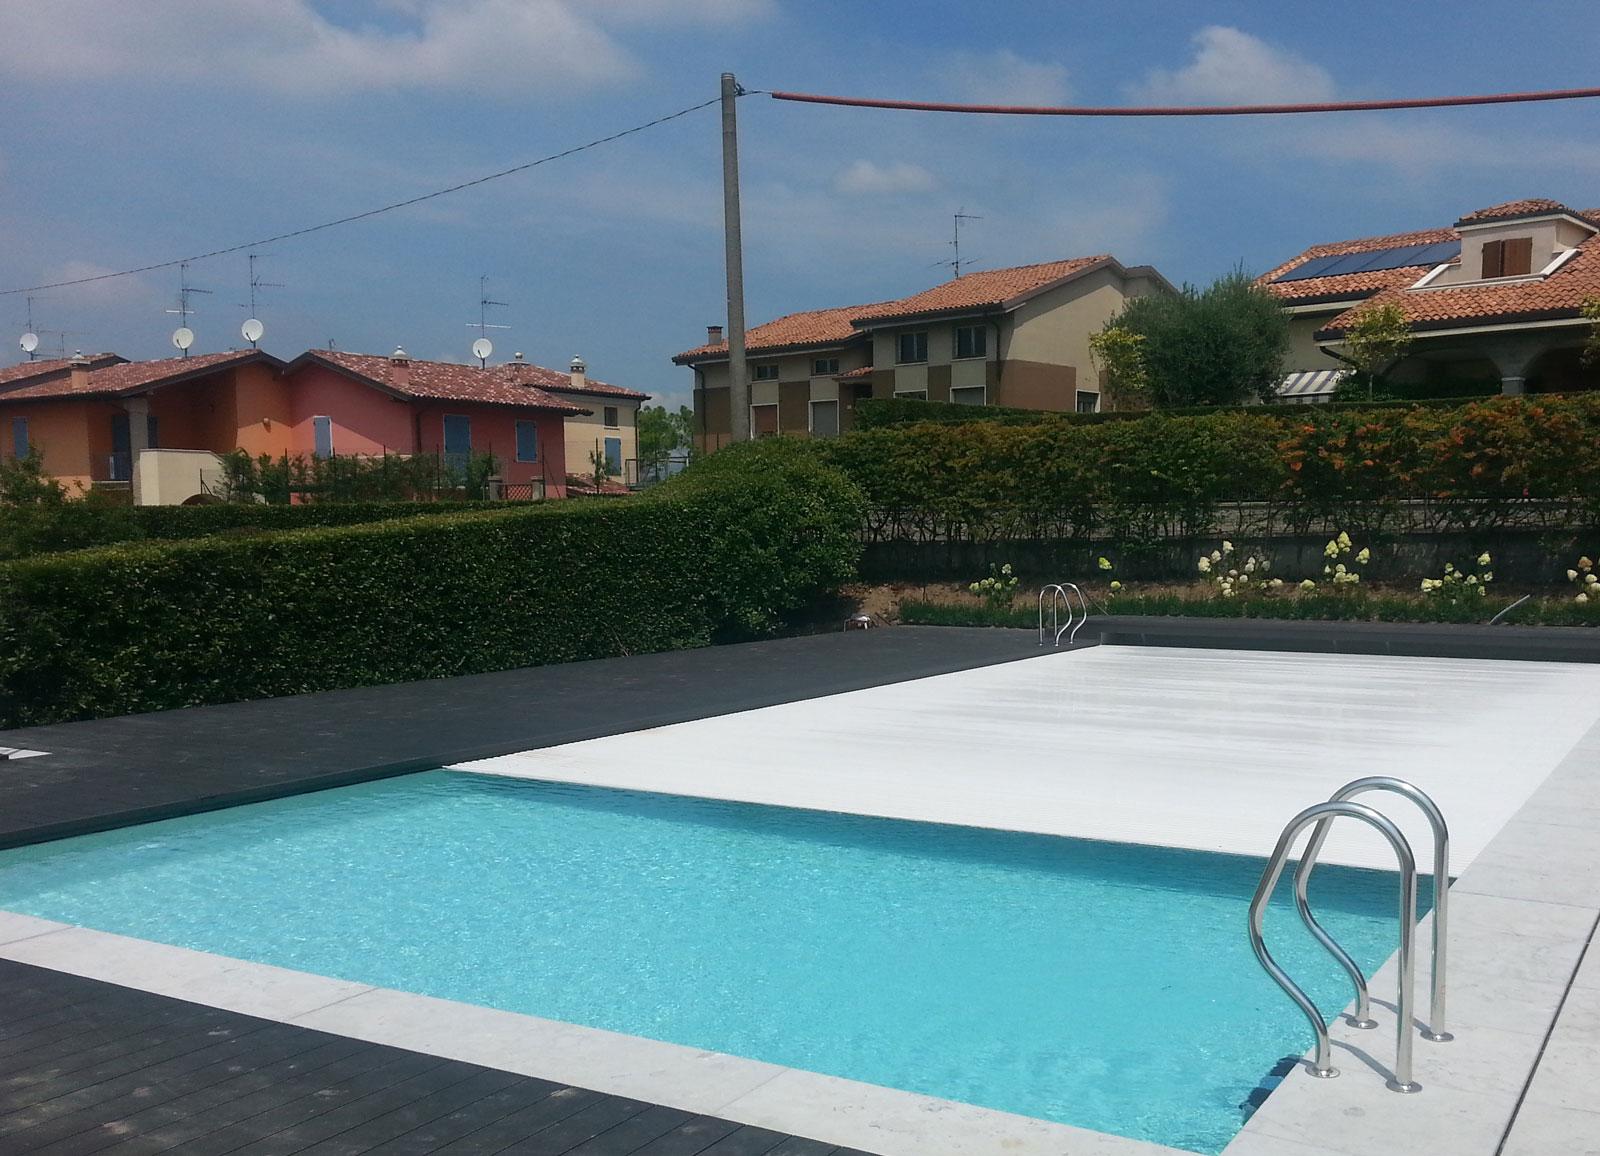 Cbs group manutenzione piscine - Piscine usate subito it ...